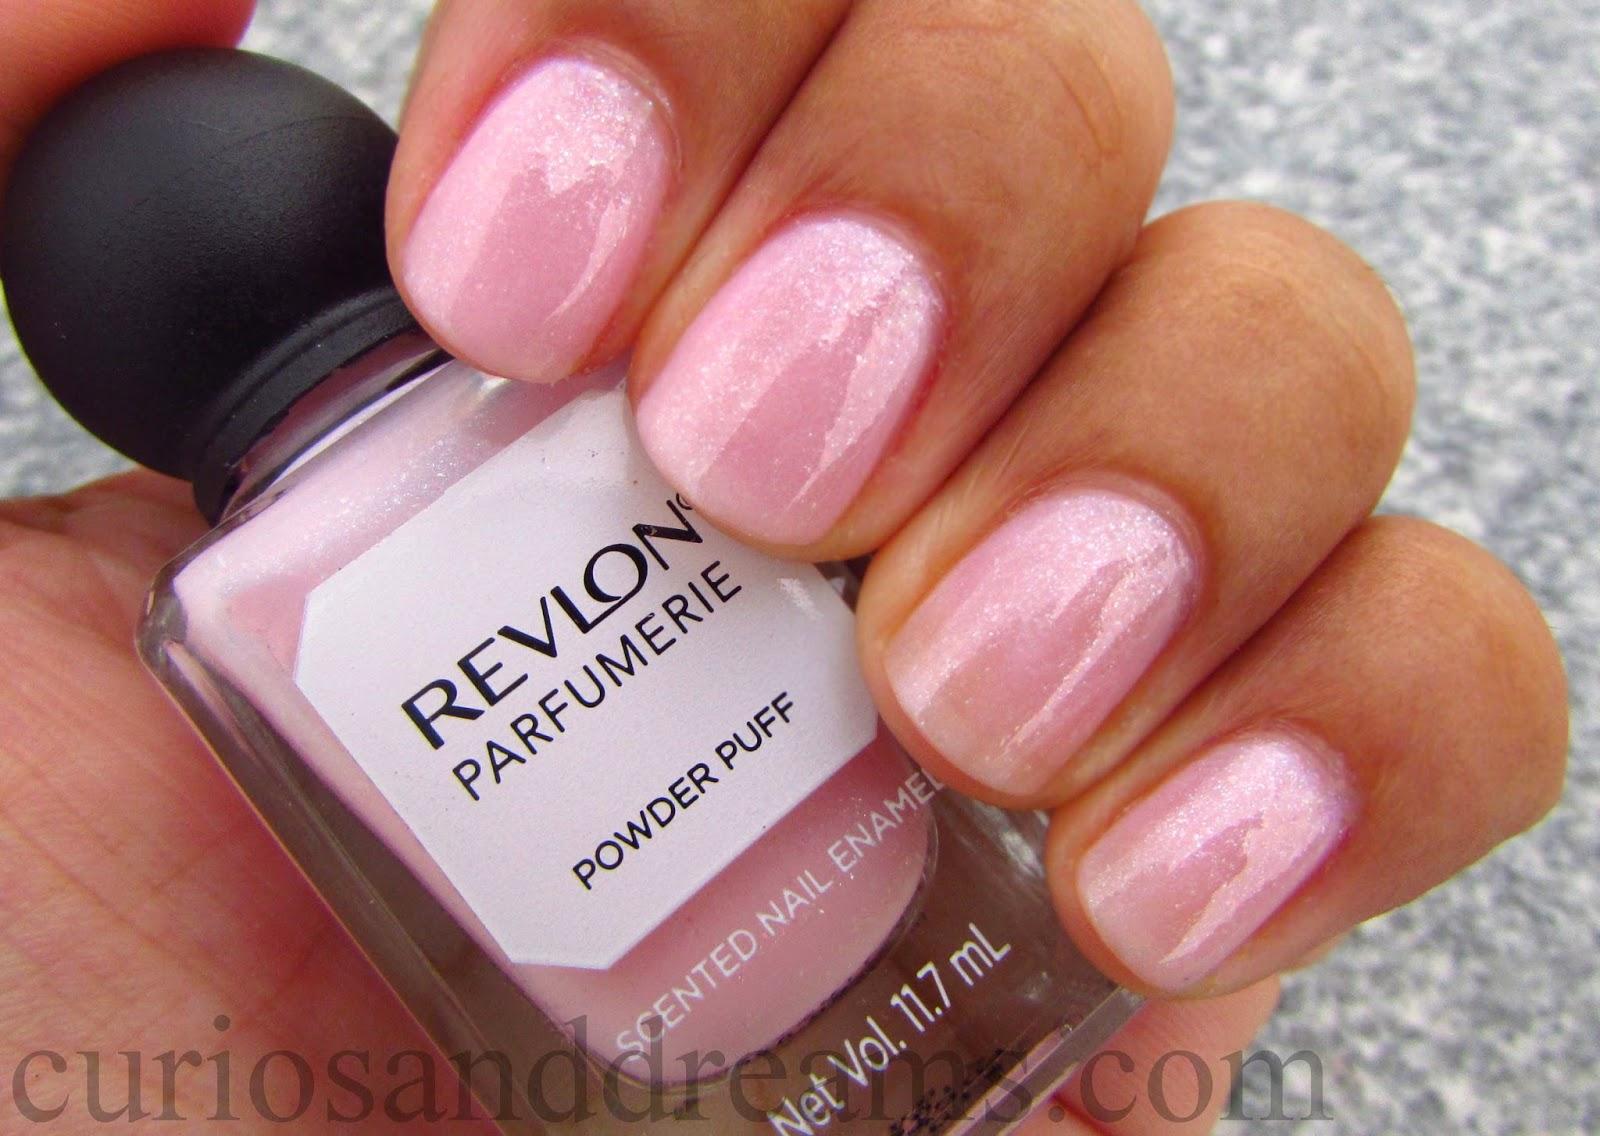 Revlon Parfumerie Powder Puff review,  Revlon Powder Puff review, Revlon Parfumerie Scented Nail Enamel, Powder Puff swatch